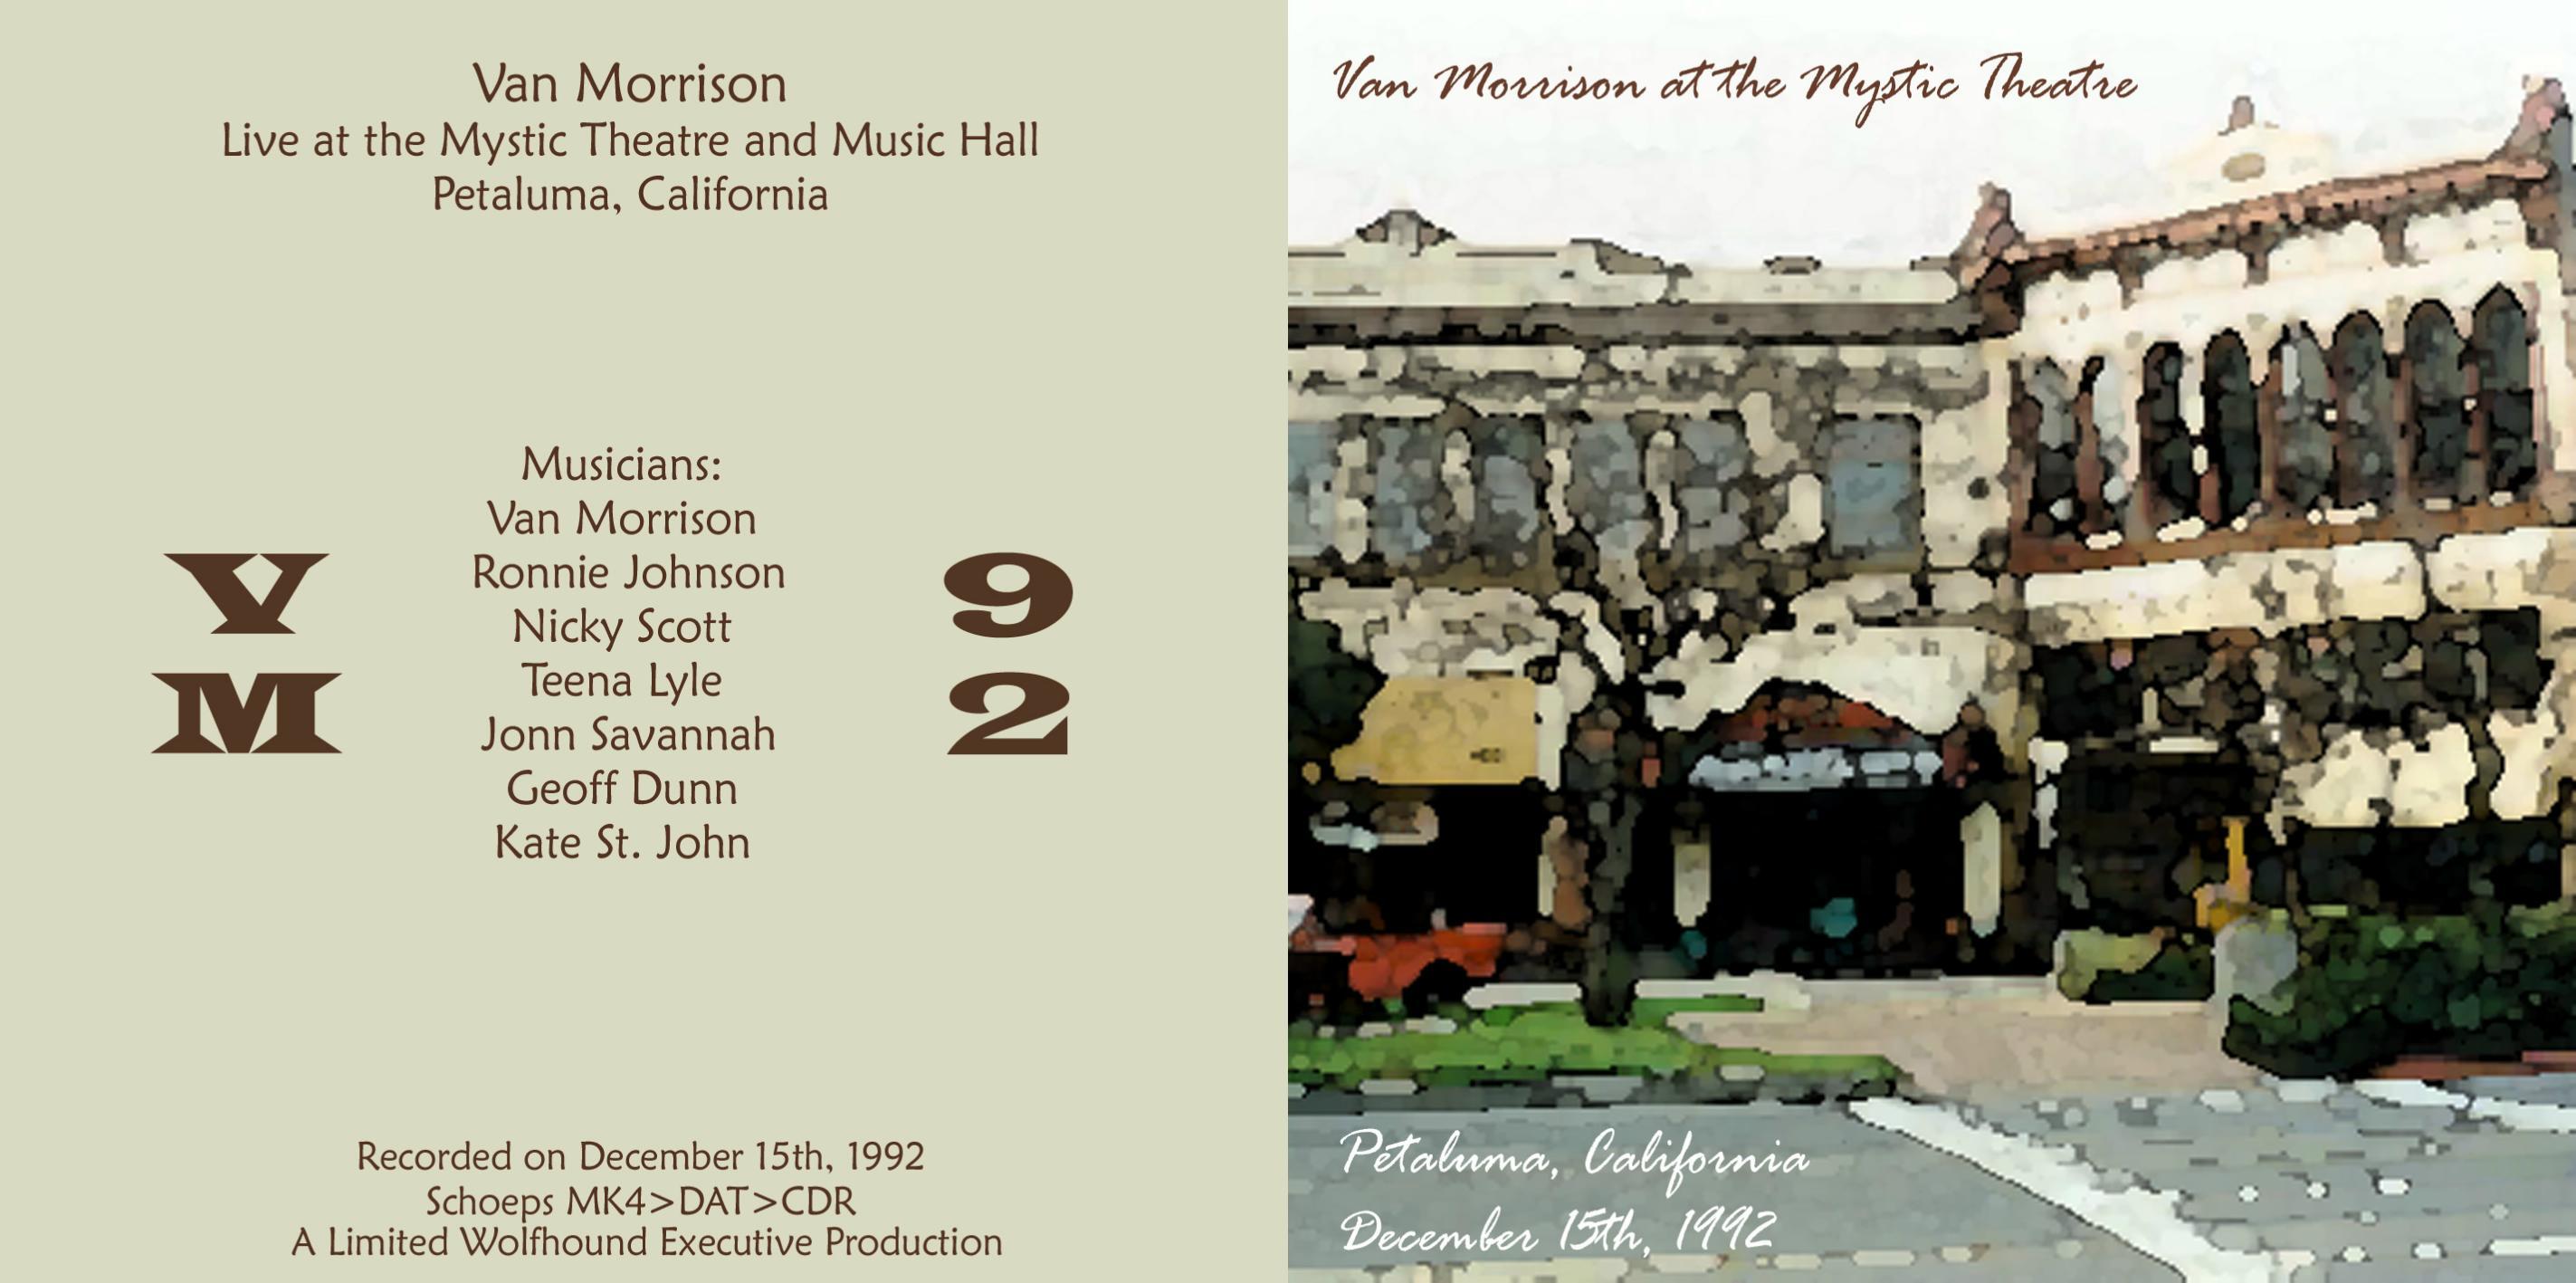 VanMorrison1992-12-15MysticTheatrePetalumaCA.jpg